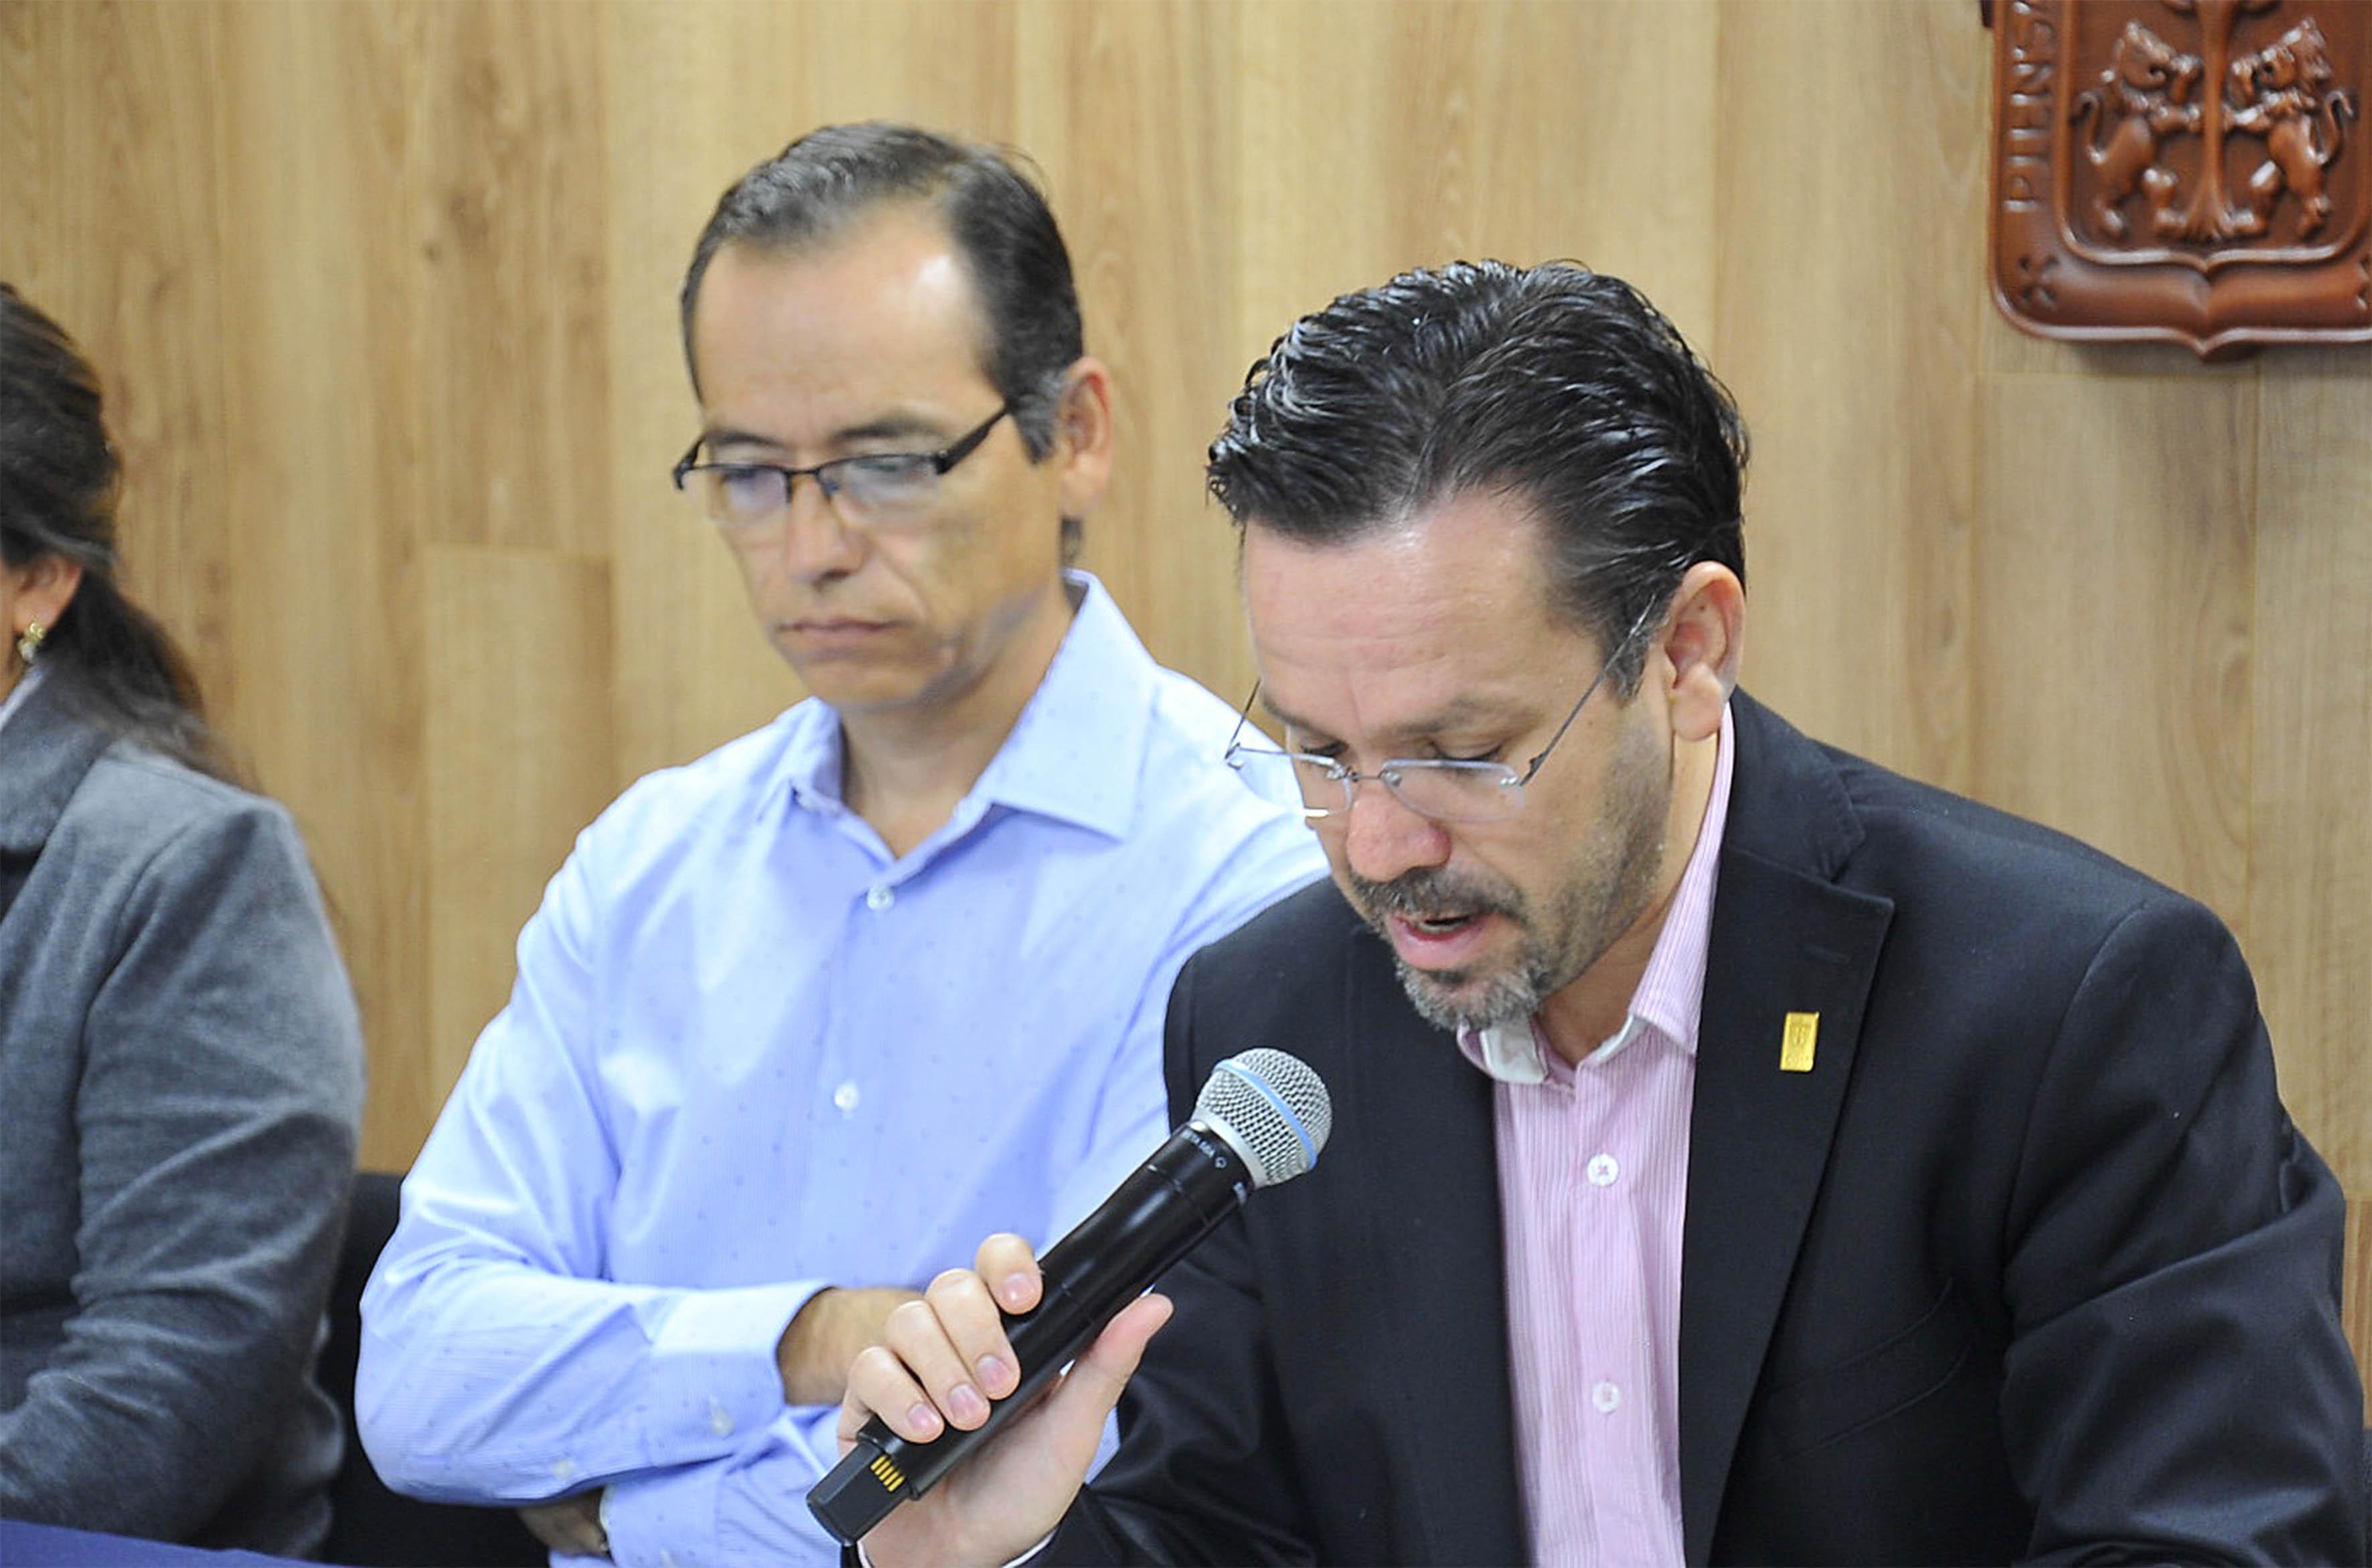 Rector del CULagos, Aristarco Regalado Pineda participando en rueda de prensa